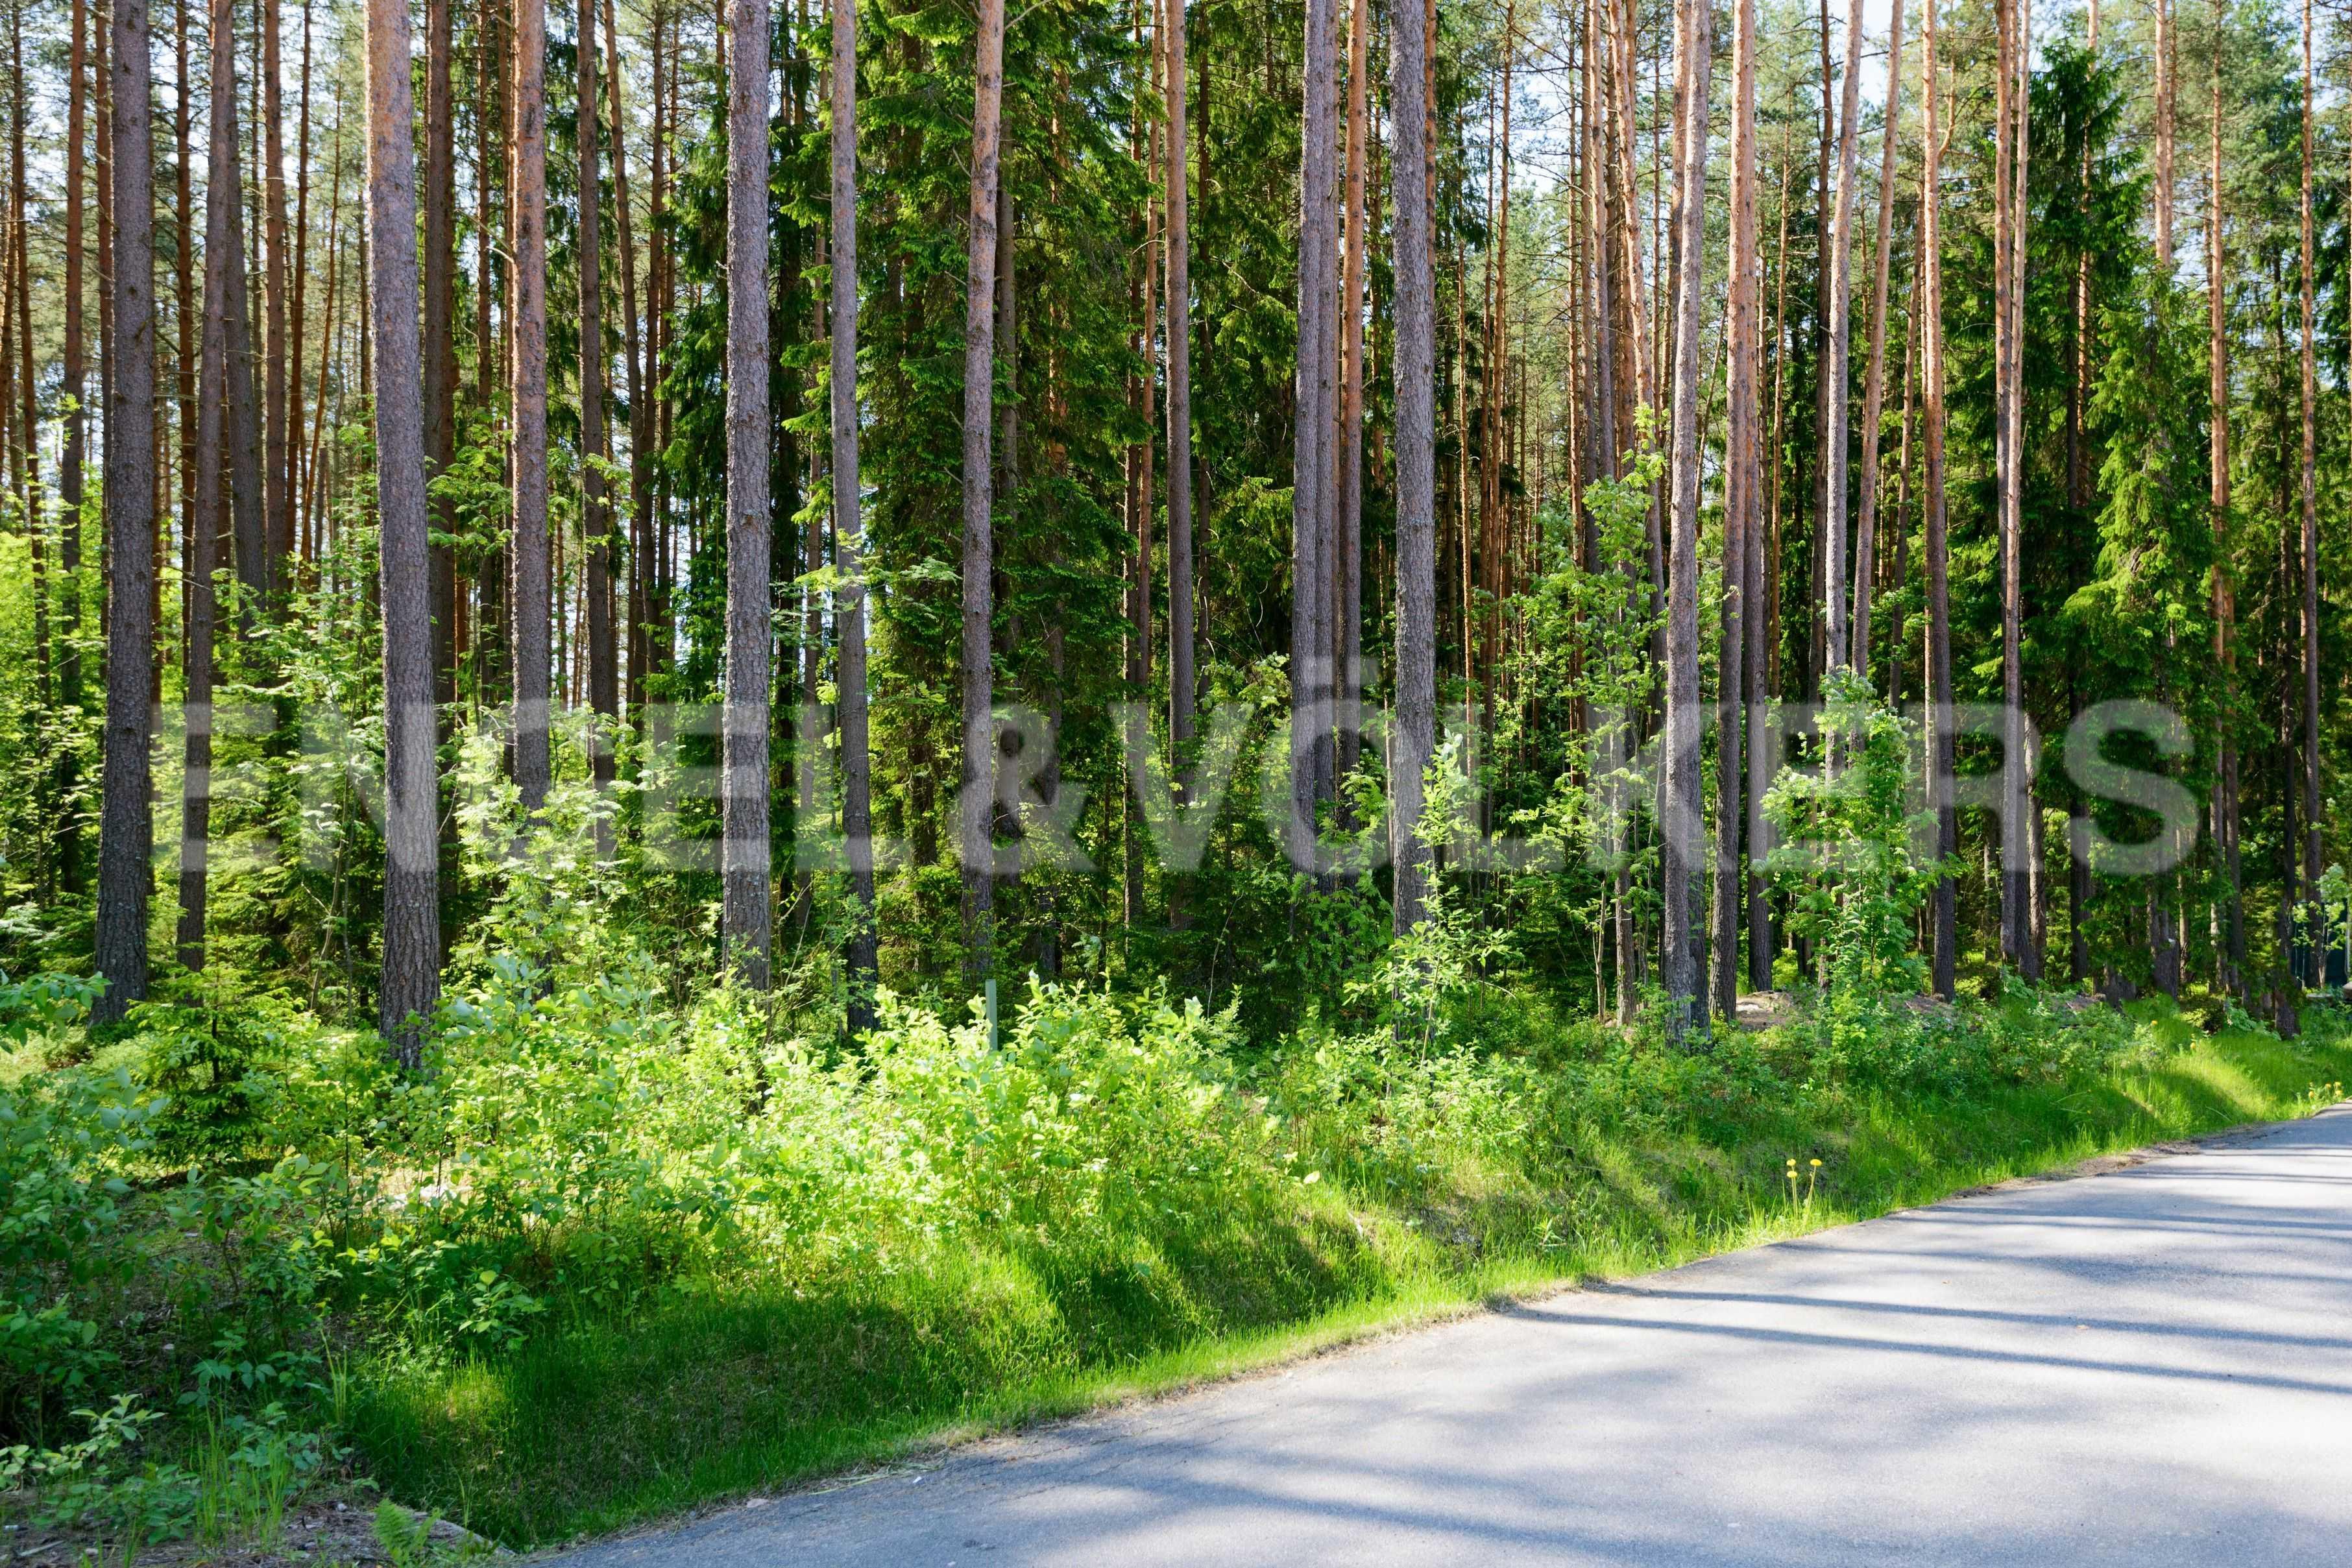 Элитные квартиры в Курортном районе. Санкт-Петербург, п. Комарово. Тропка в лесу